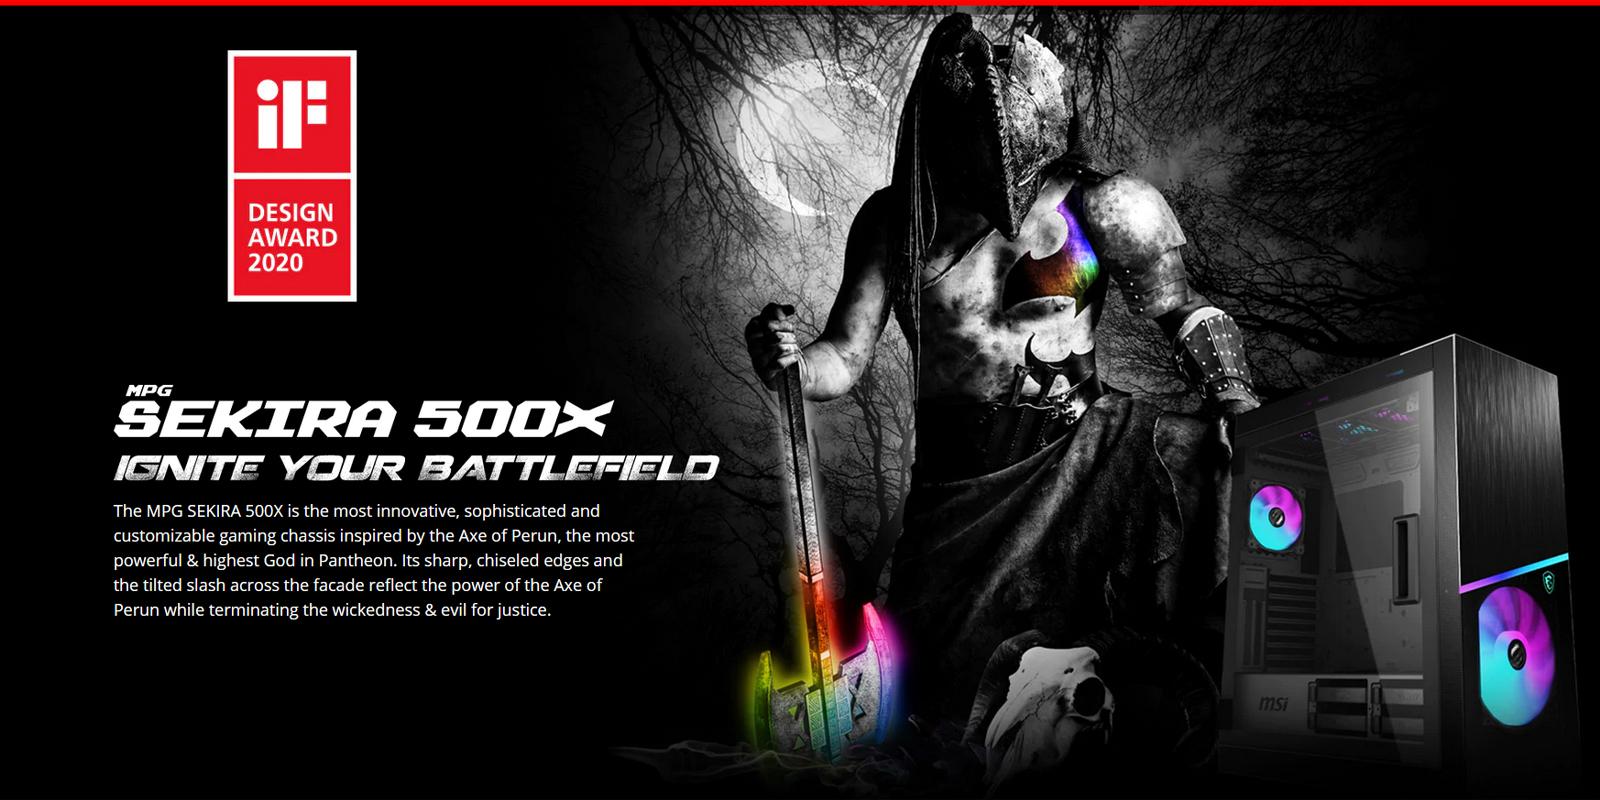 Vỏ Case MSI MPG SEKIRA 500X - Biến PC của bạn thành cỗ máy chiến đấu